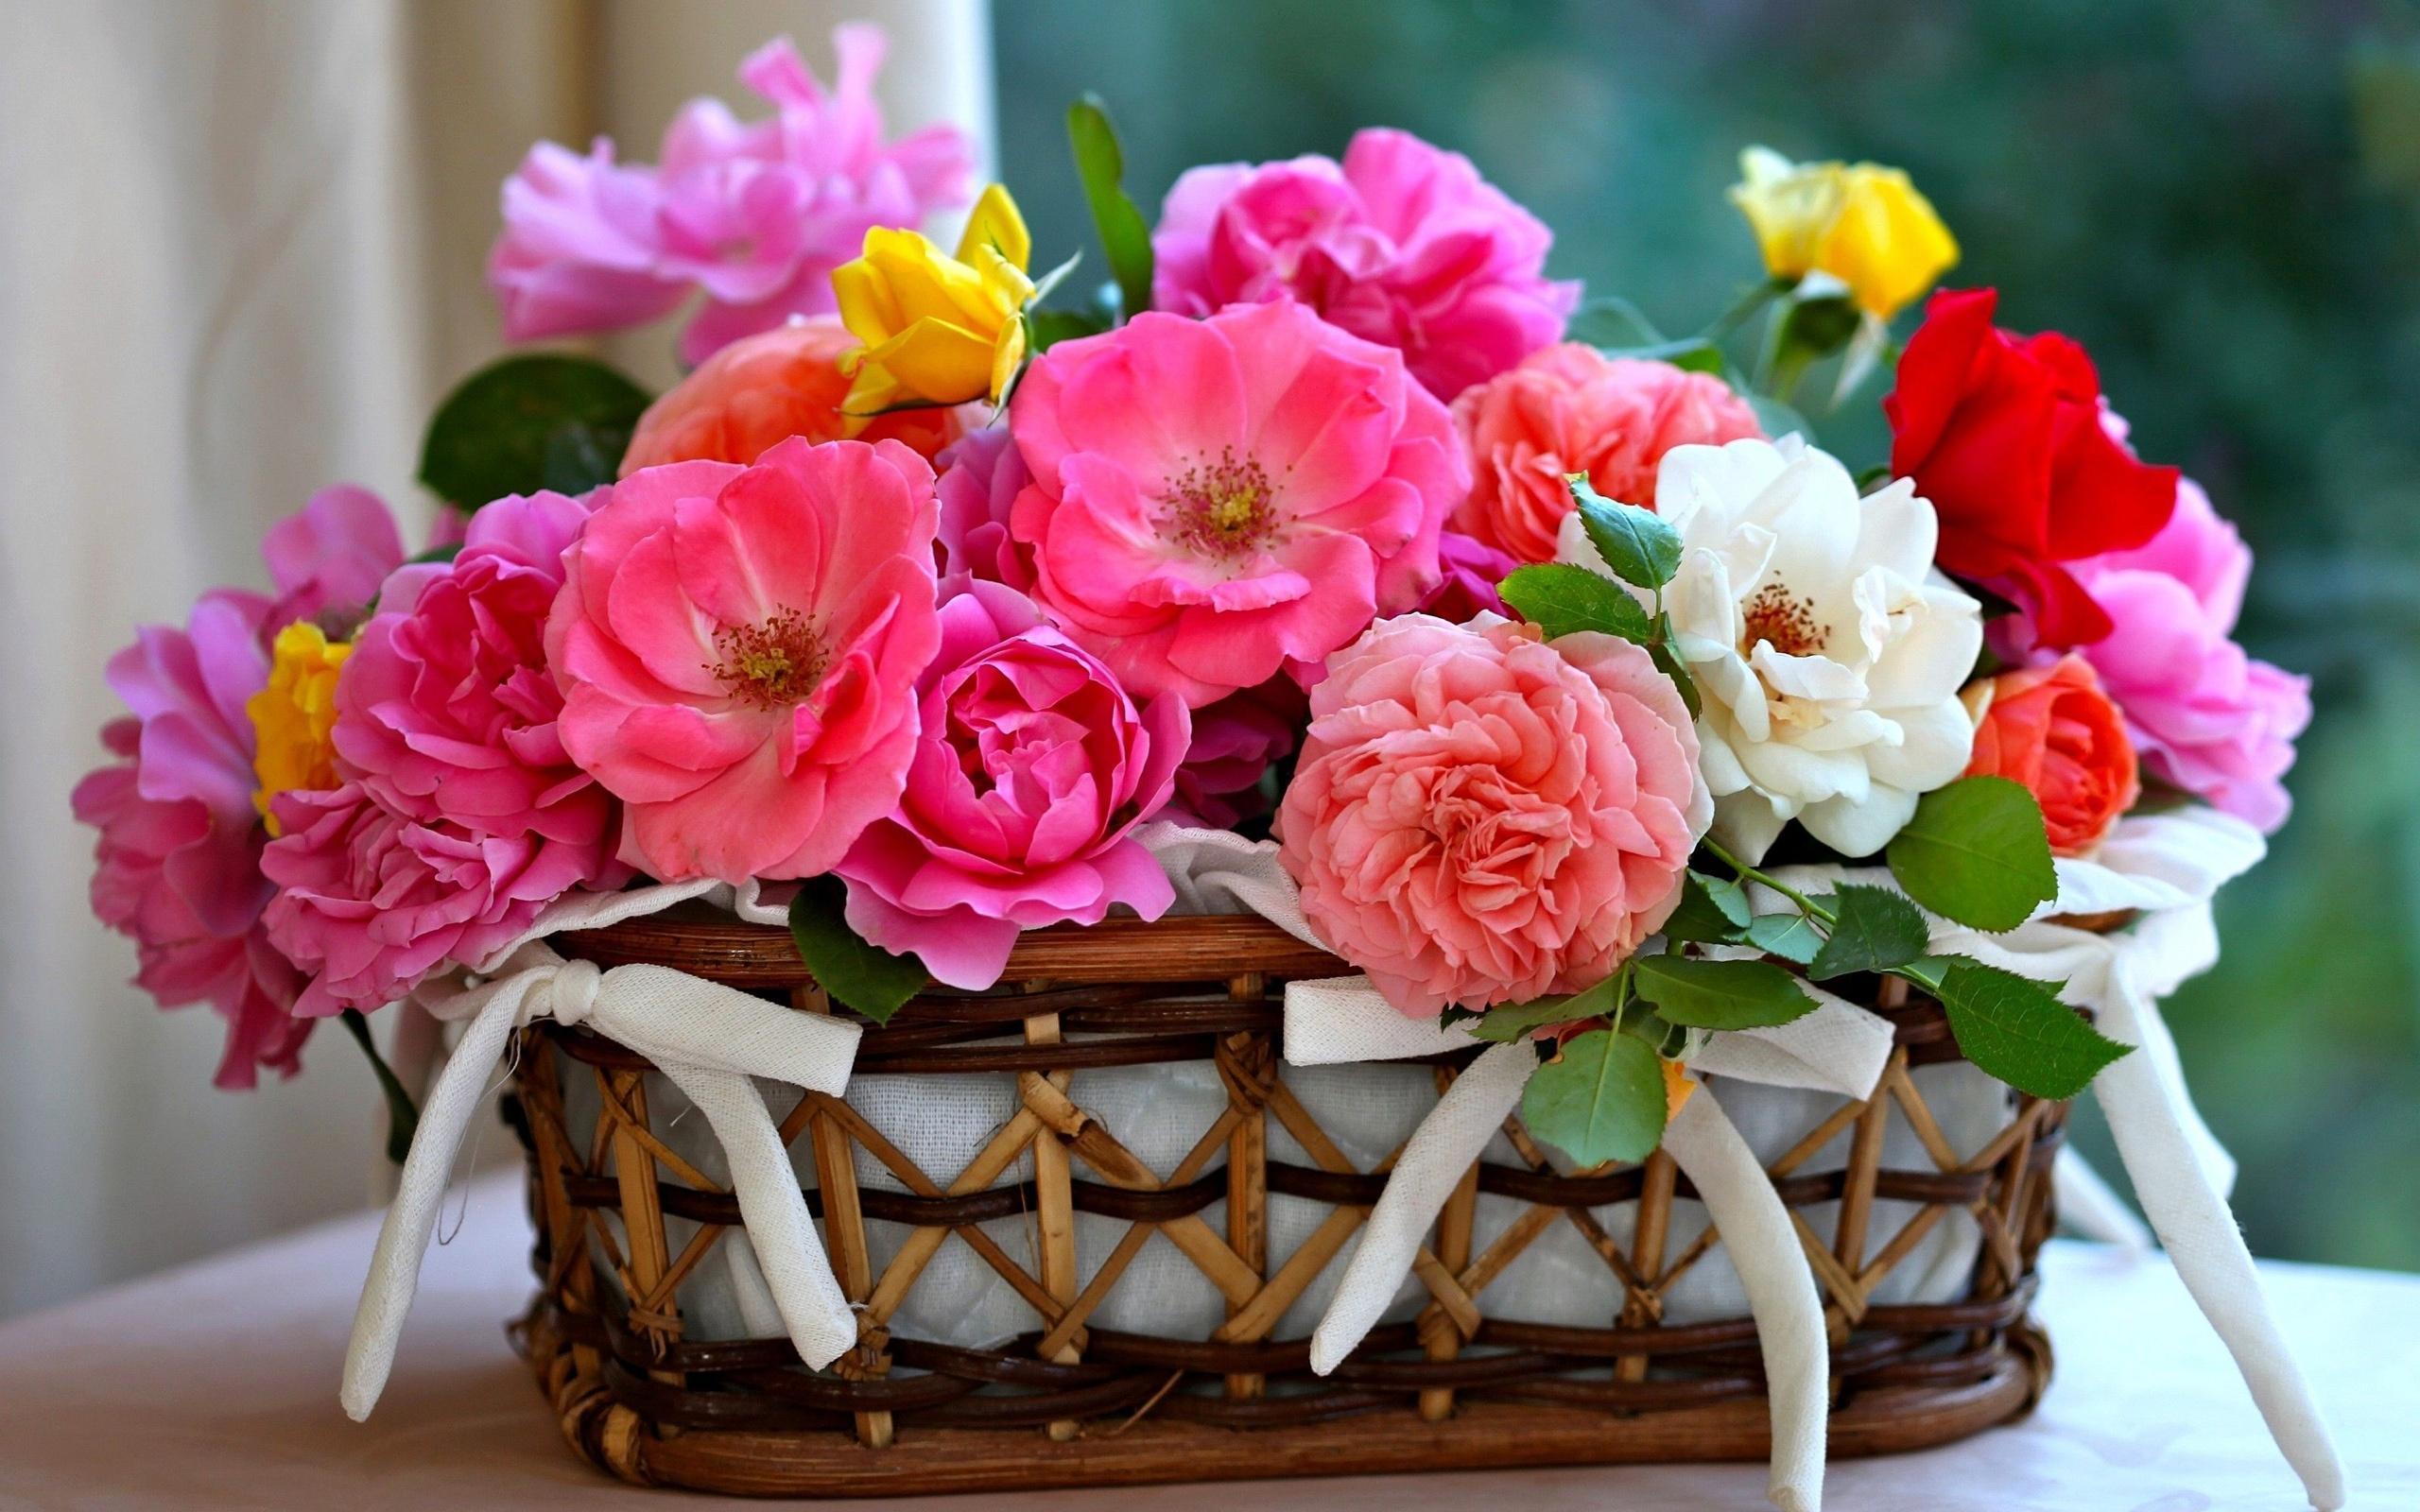 بالصور اجمل بوكيه ورد , اجمل الورود 2019 3254 8